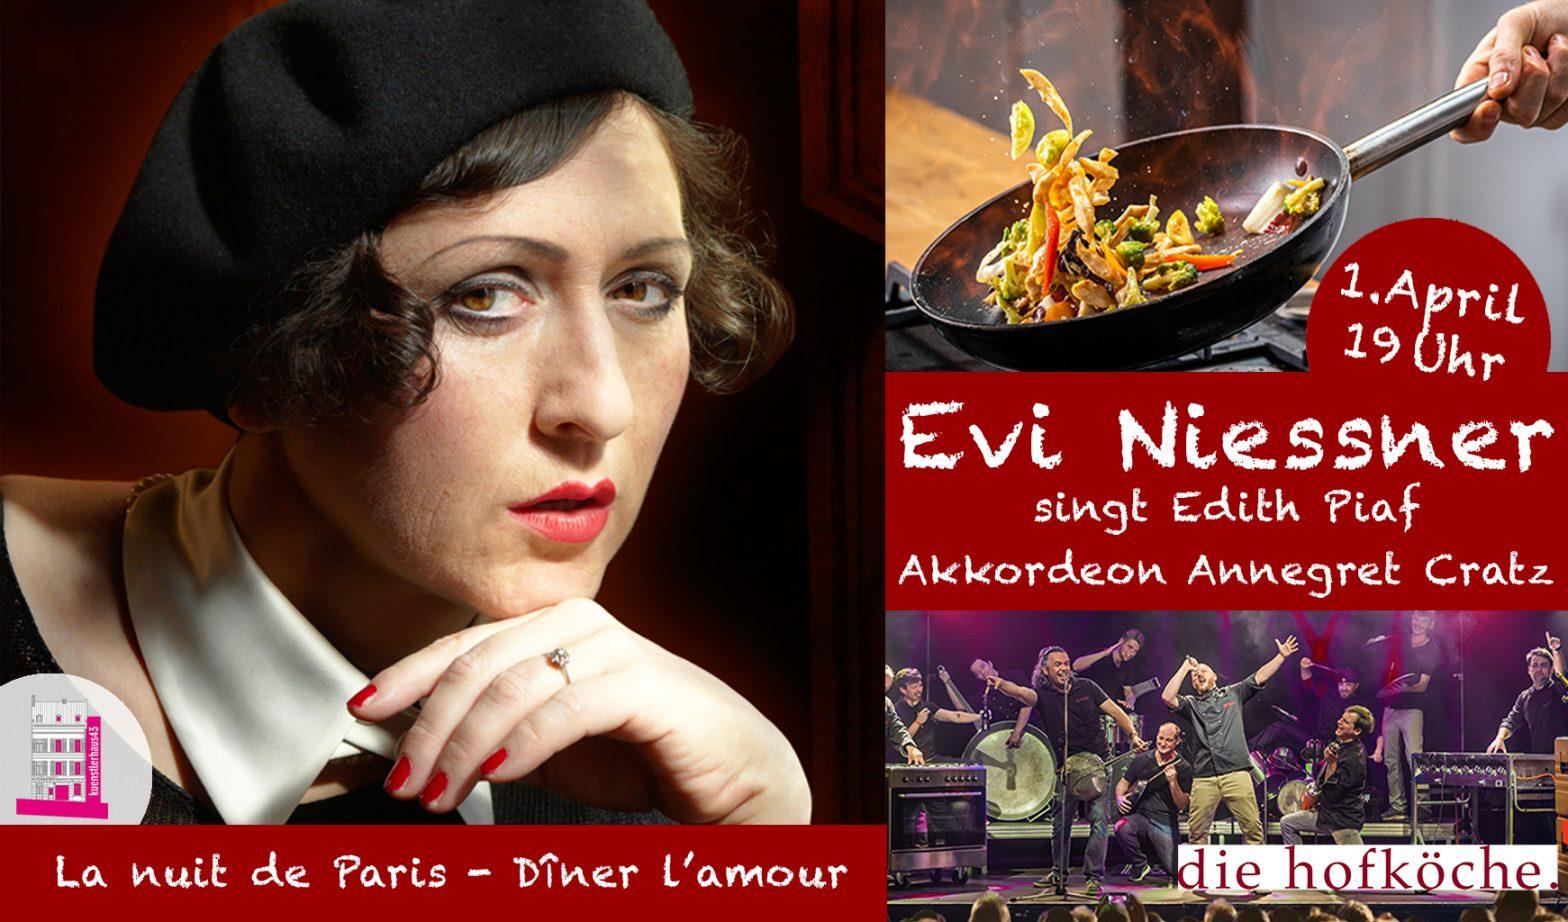 La_Nuit_de_Paris_Evi_Nissner